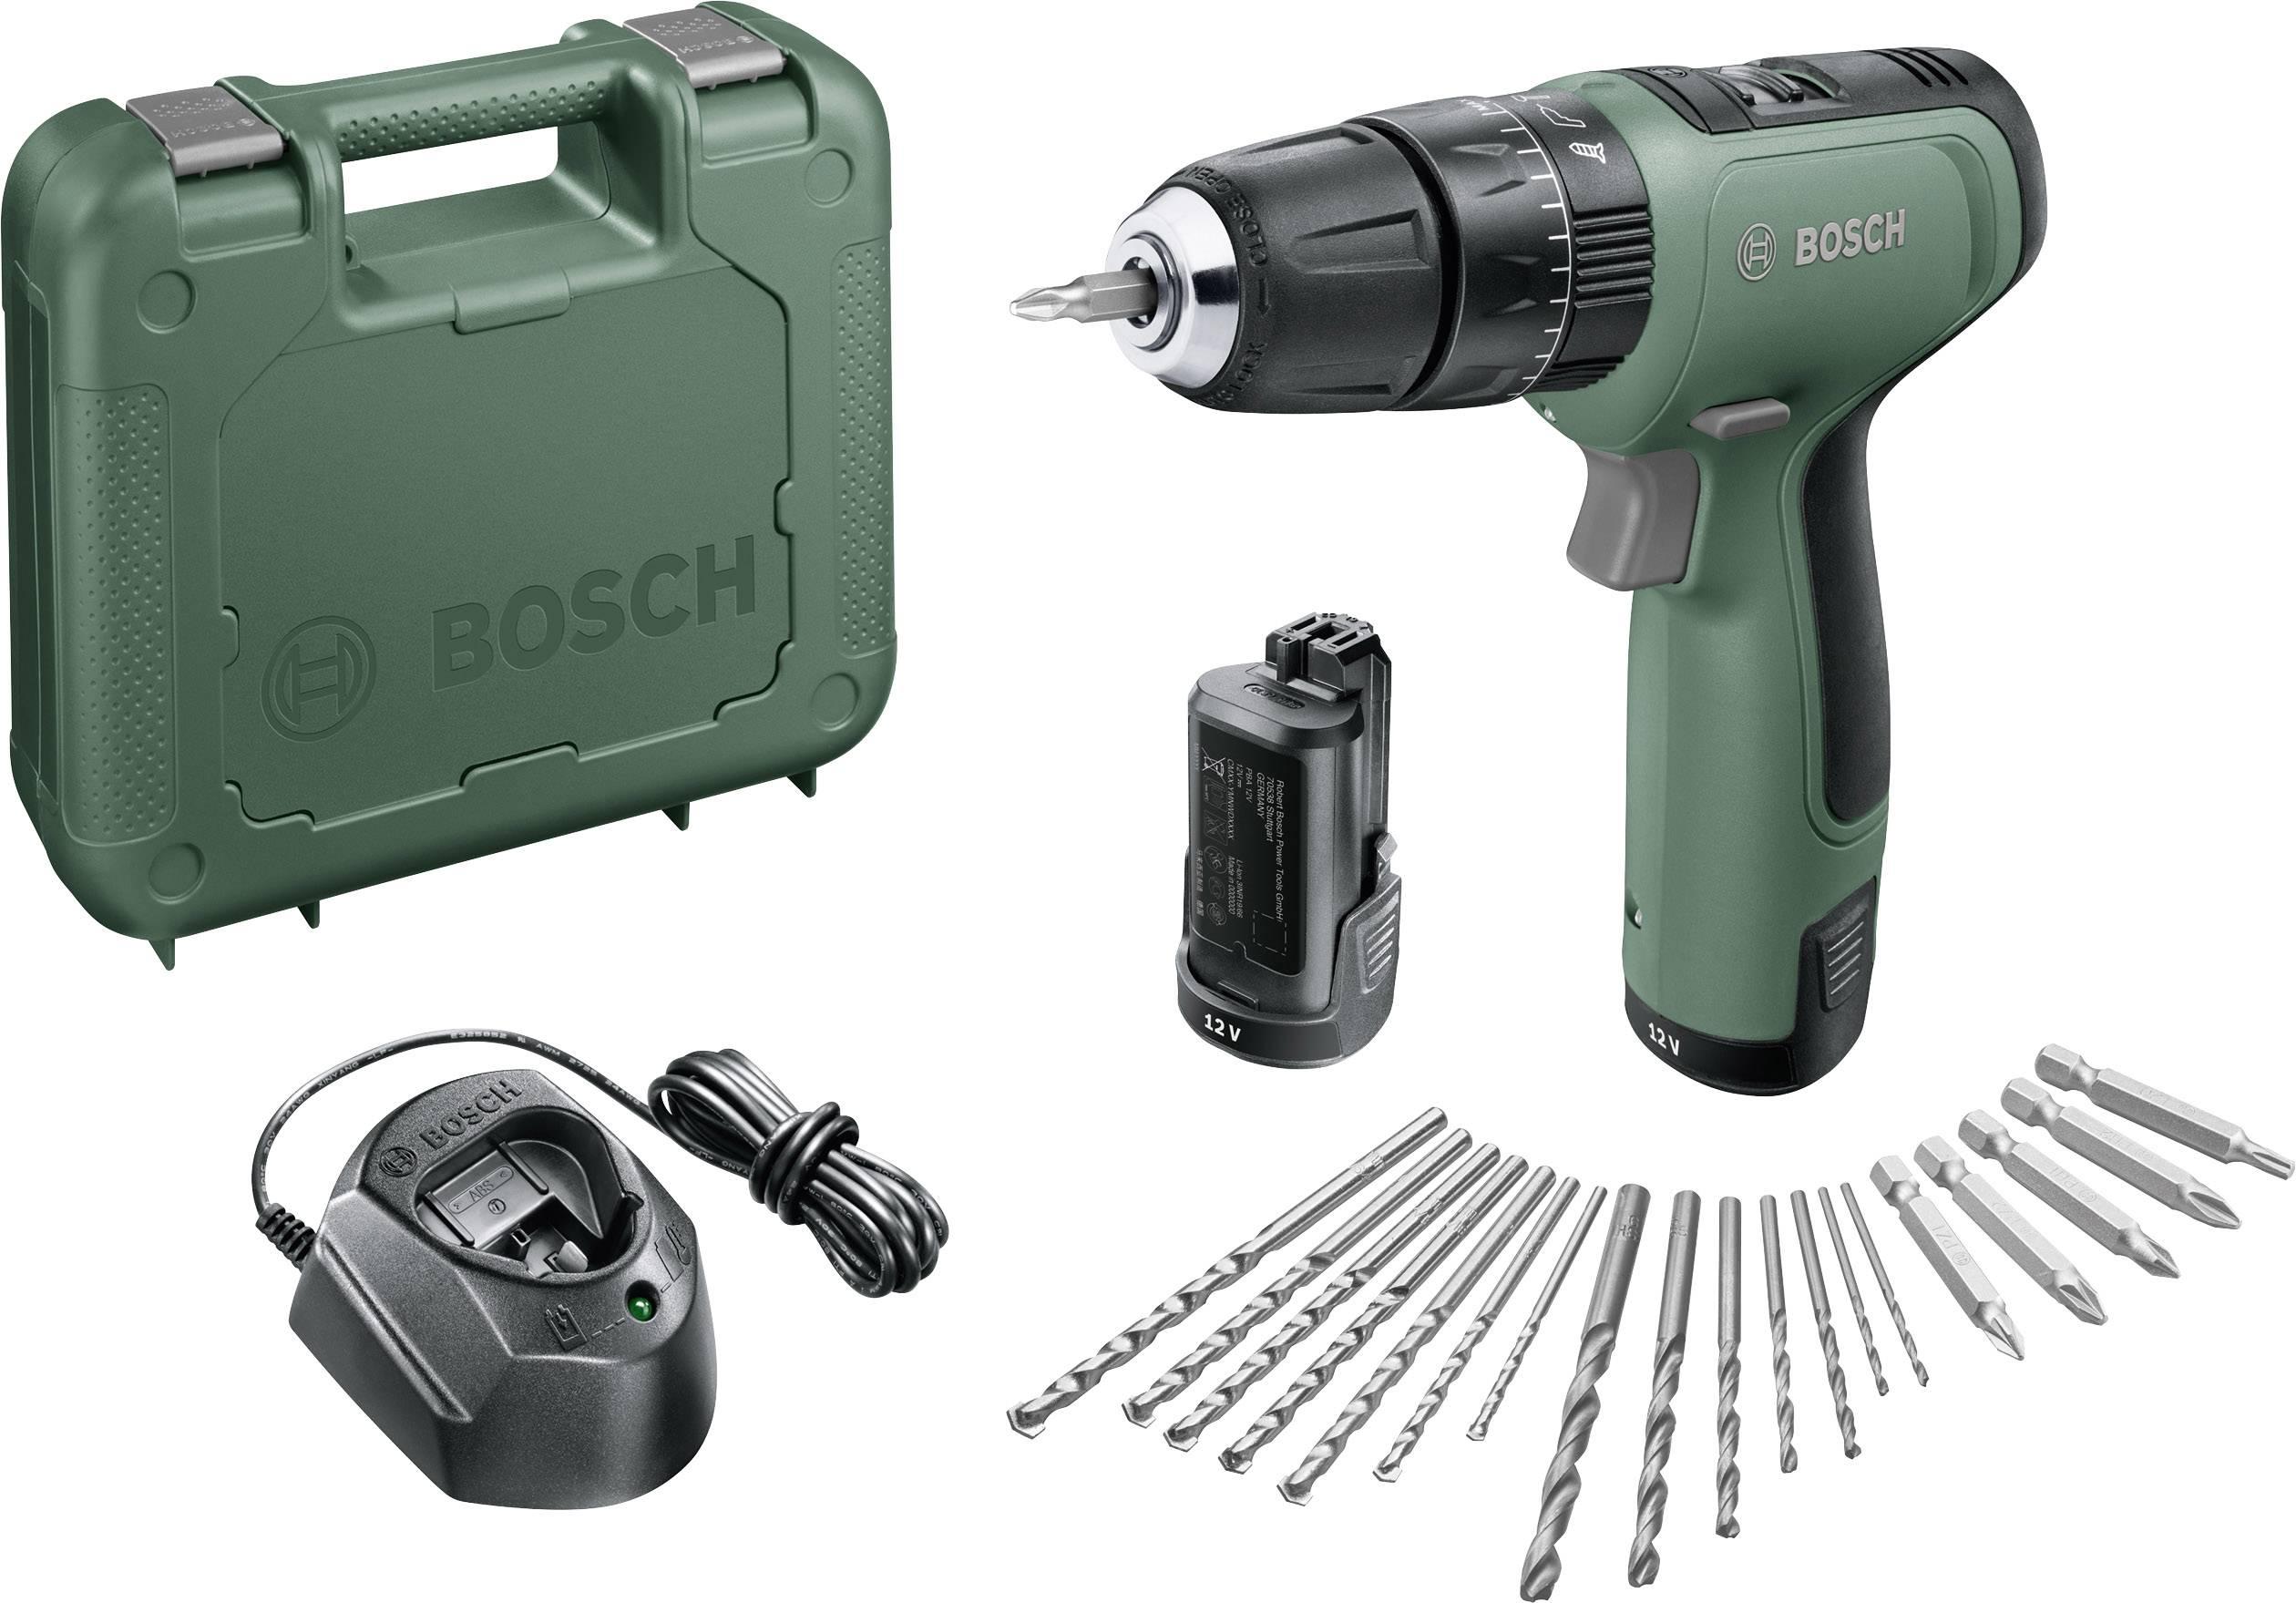 Bosch Home and Garden EasyImpact 1200 2 Gang Akku Schlagbohrschrauber inkl. 2. Akku